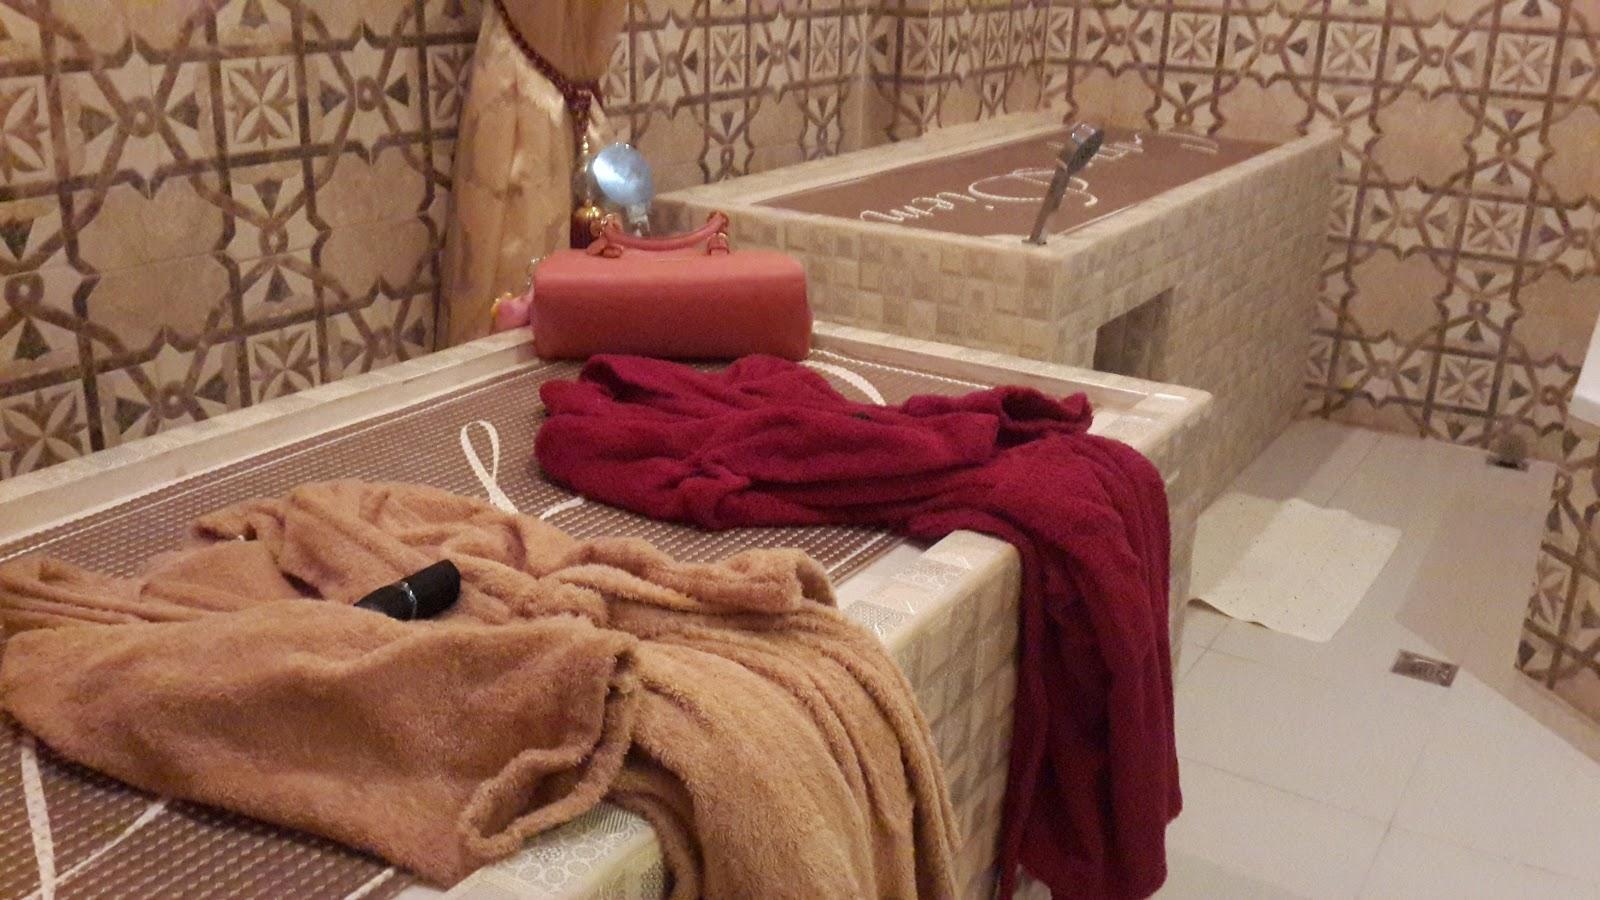 spa and beyond